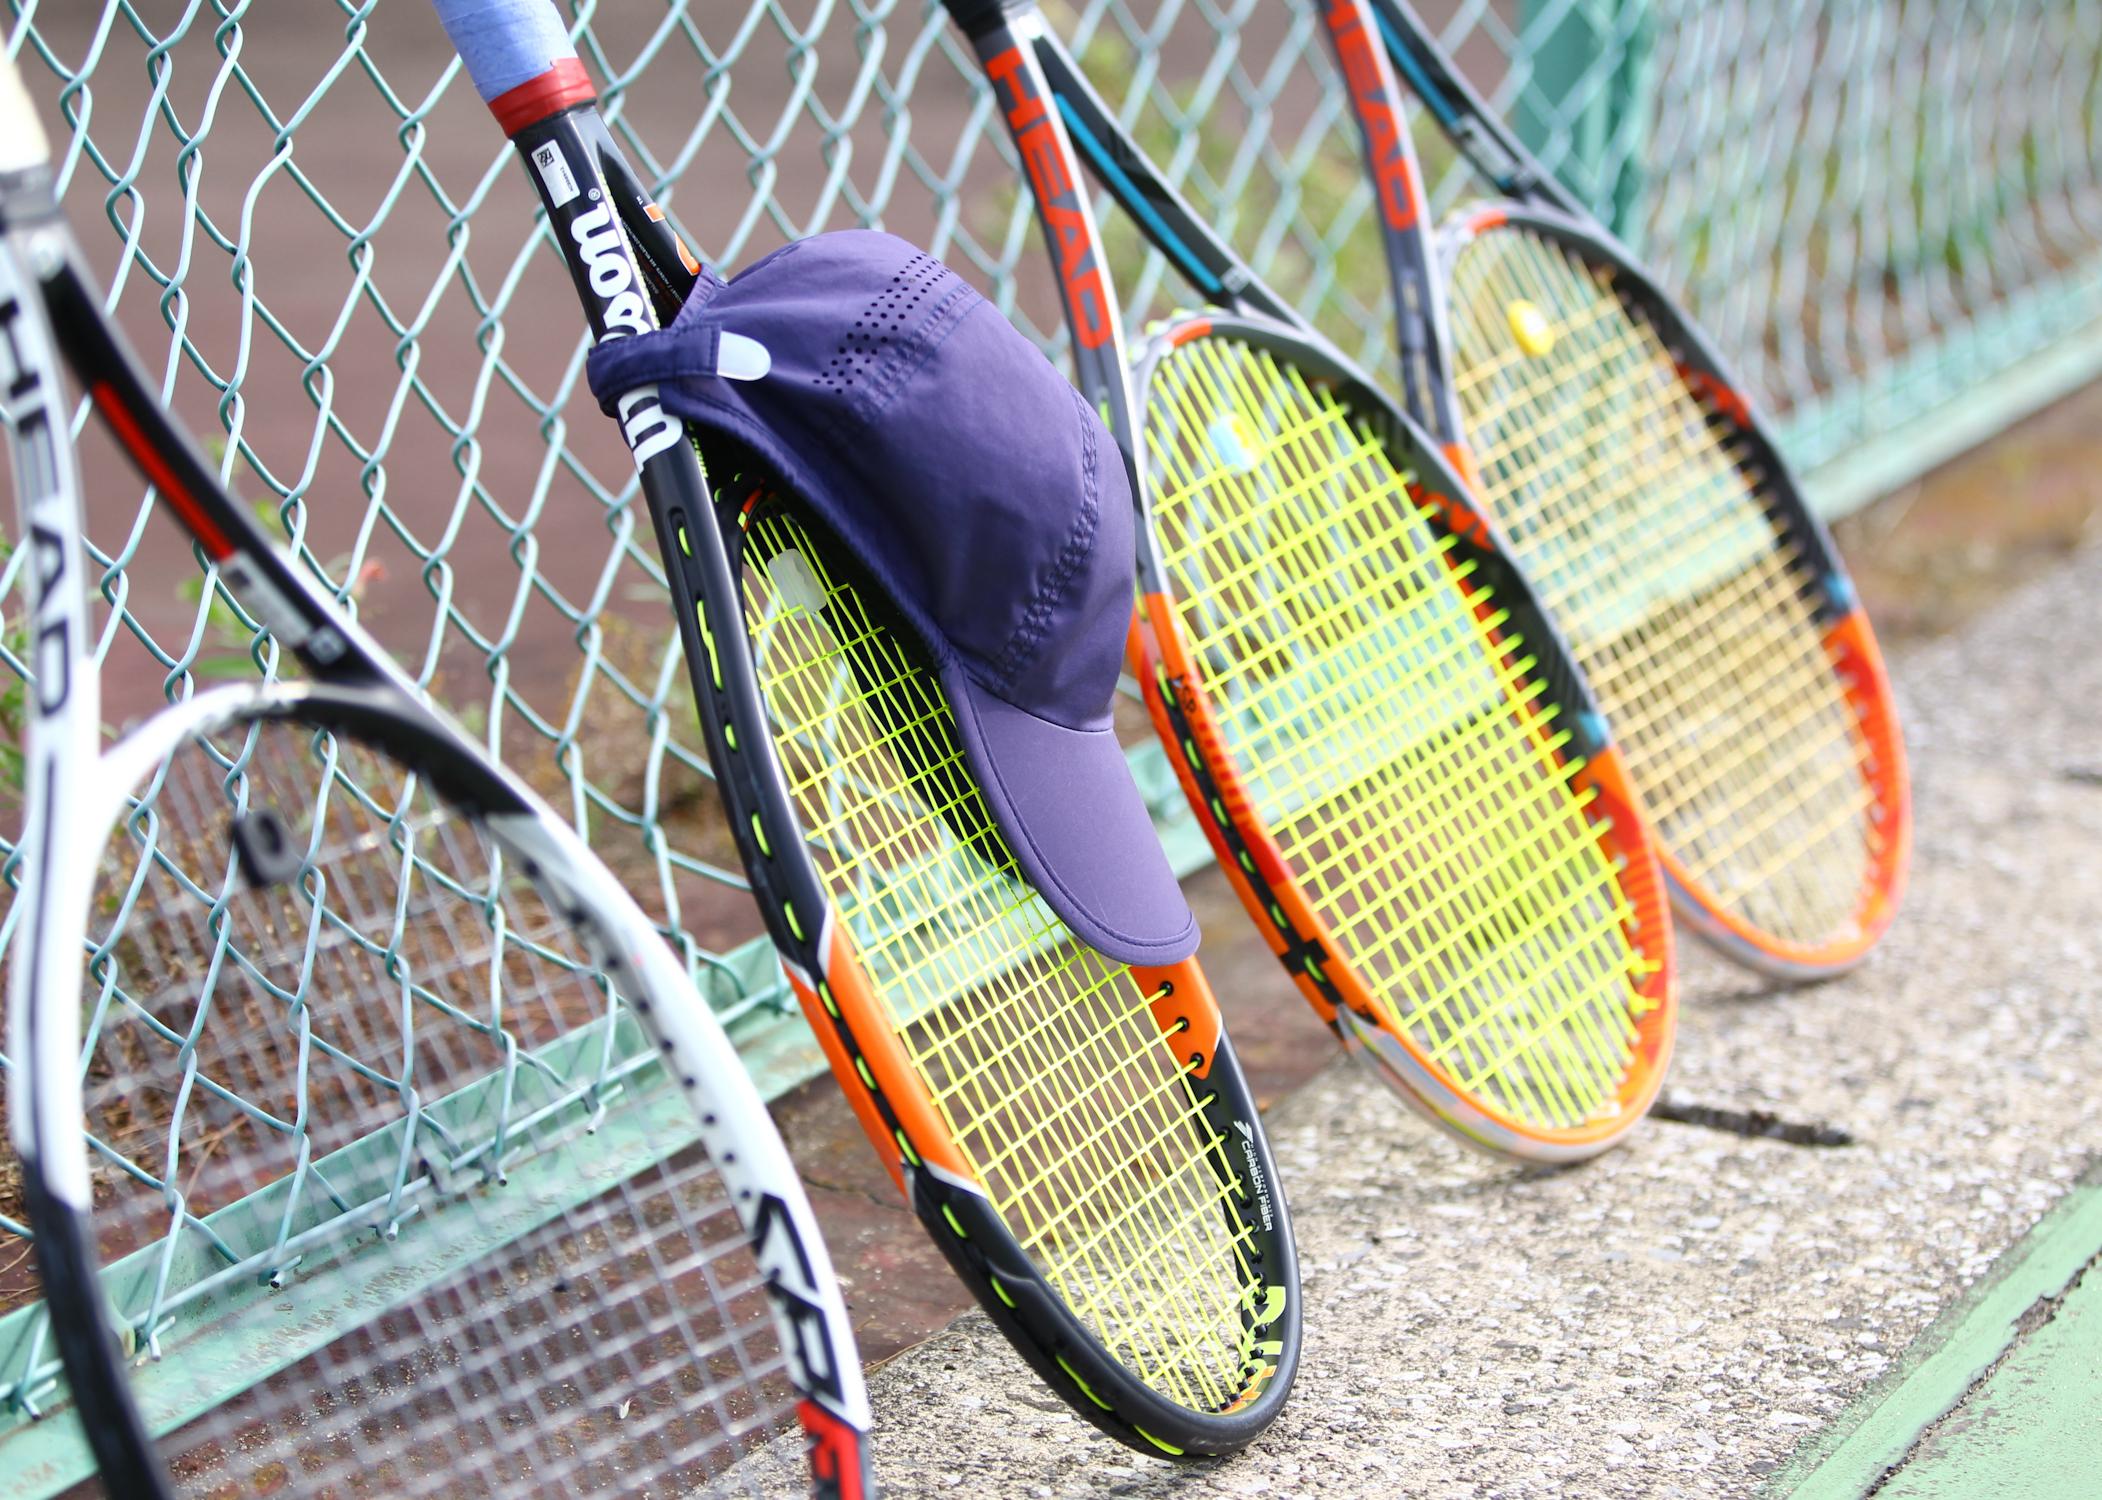 [テニス部]女子単複共に本戦進出、インカレ予選出場権を獲得!春関本戦&コンソレーション結果報告